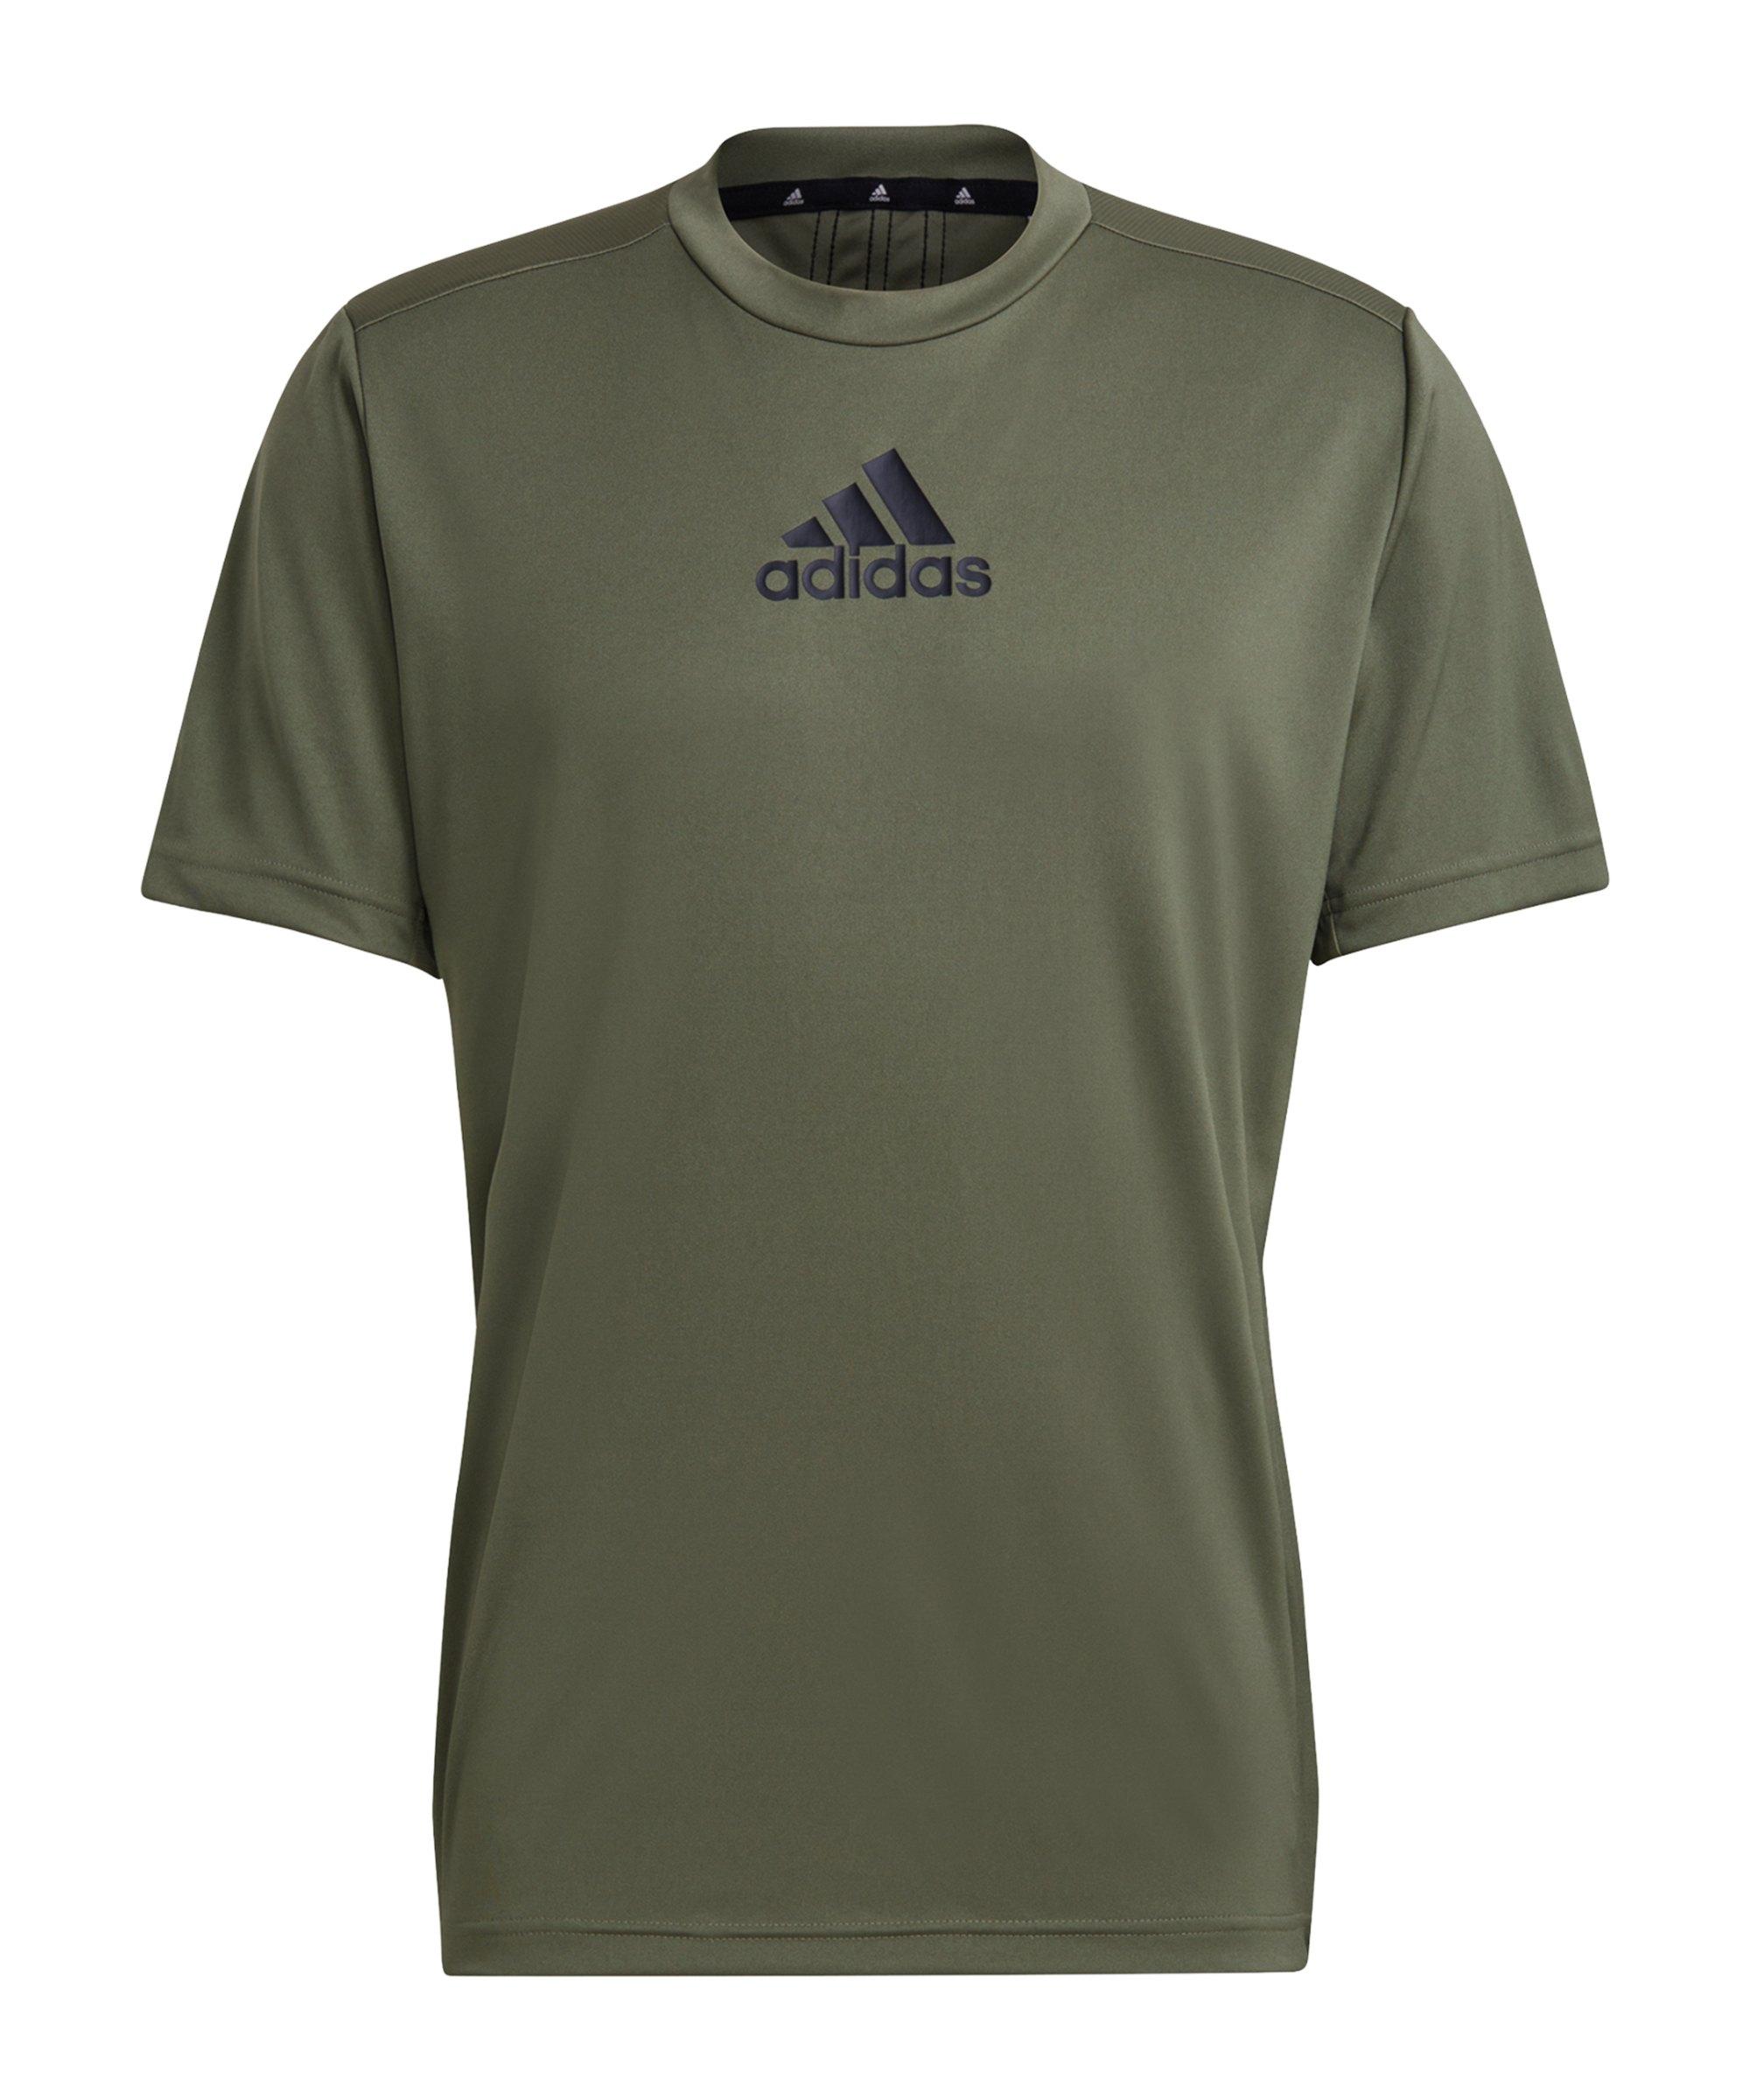 adidas D2M 3 Stripes T-Shirt Grün Schwarz - gruen